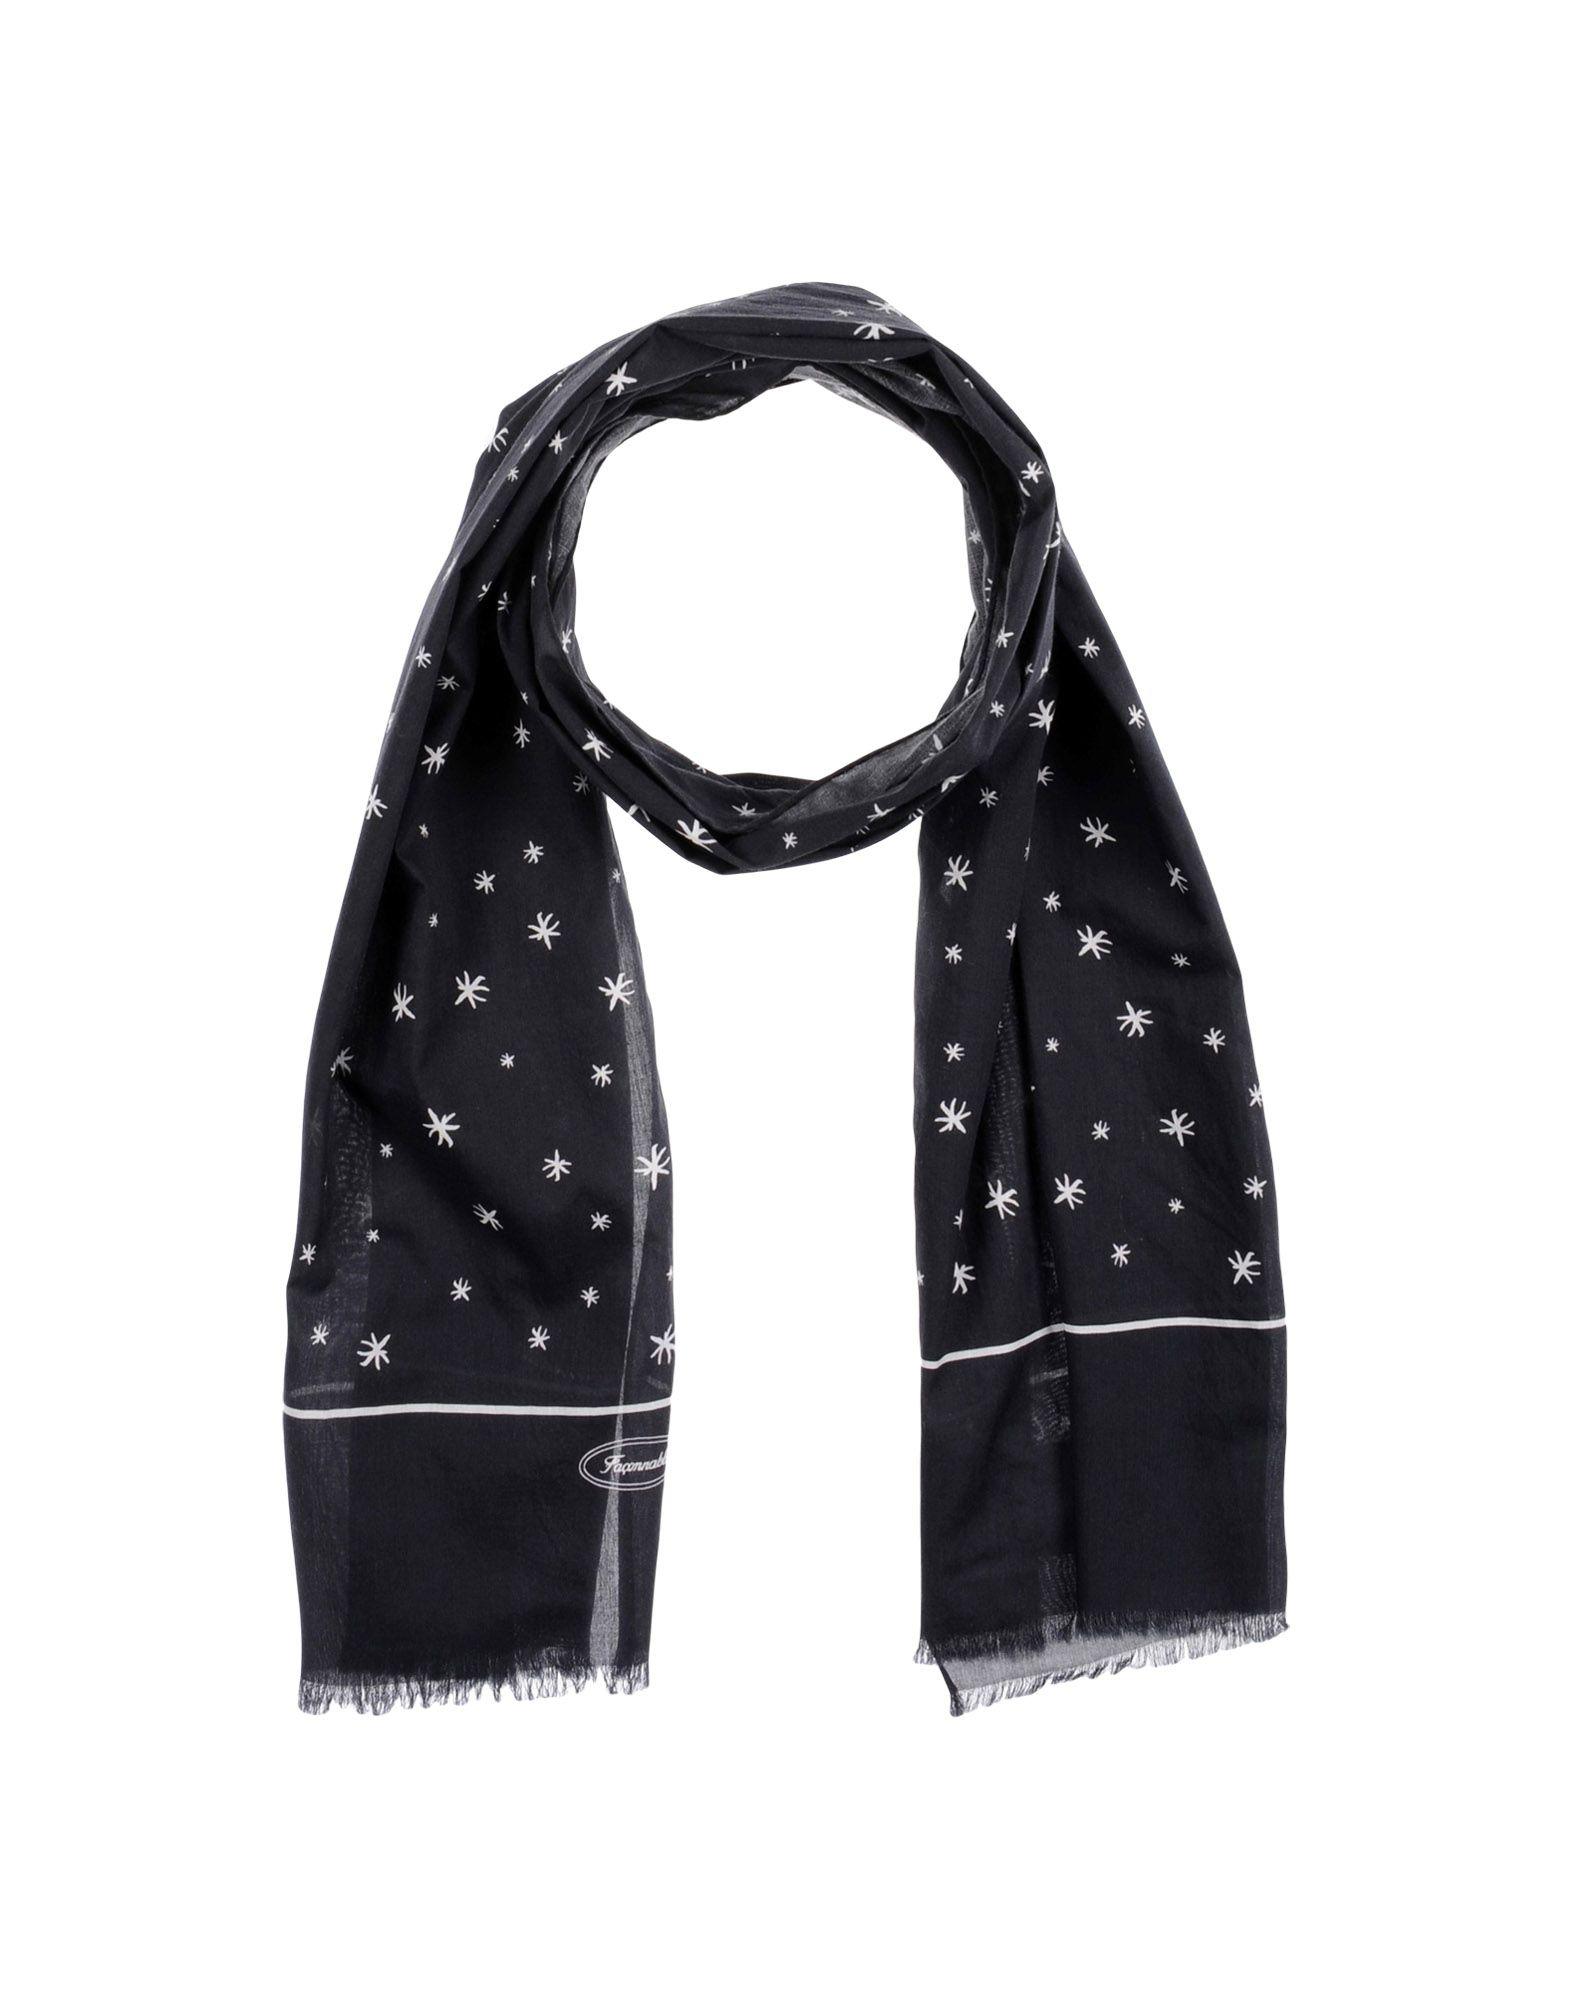 FAÇONNABLE Scarves in Black